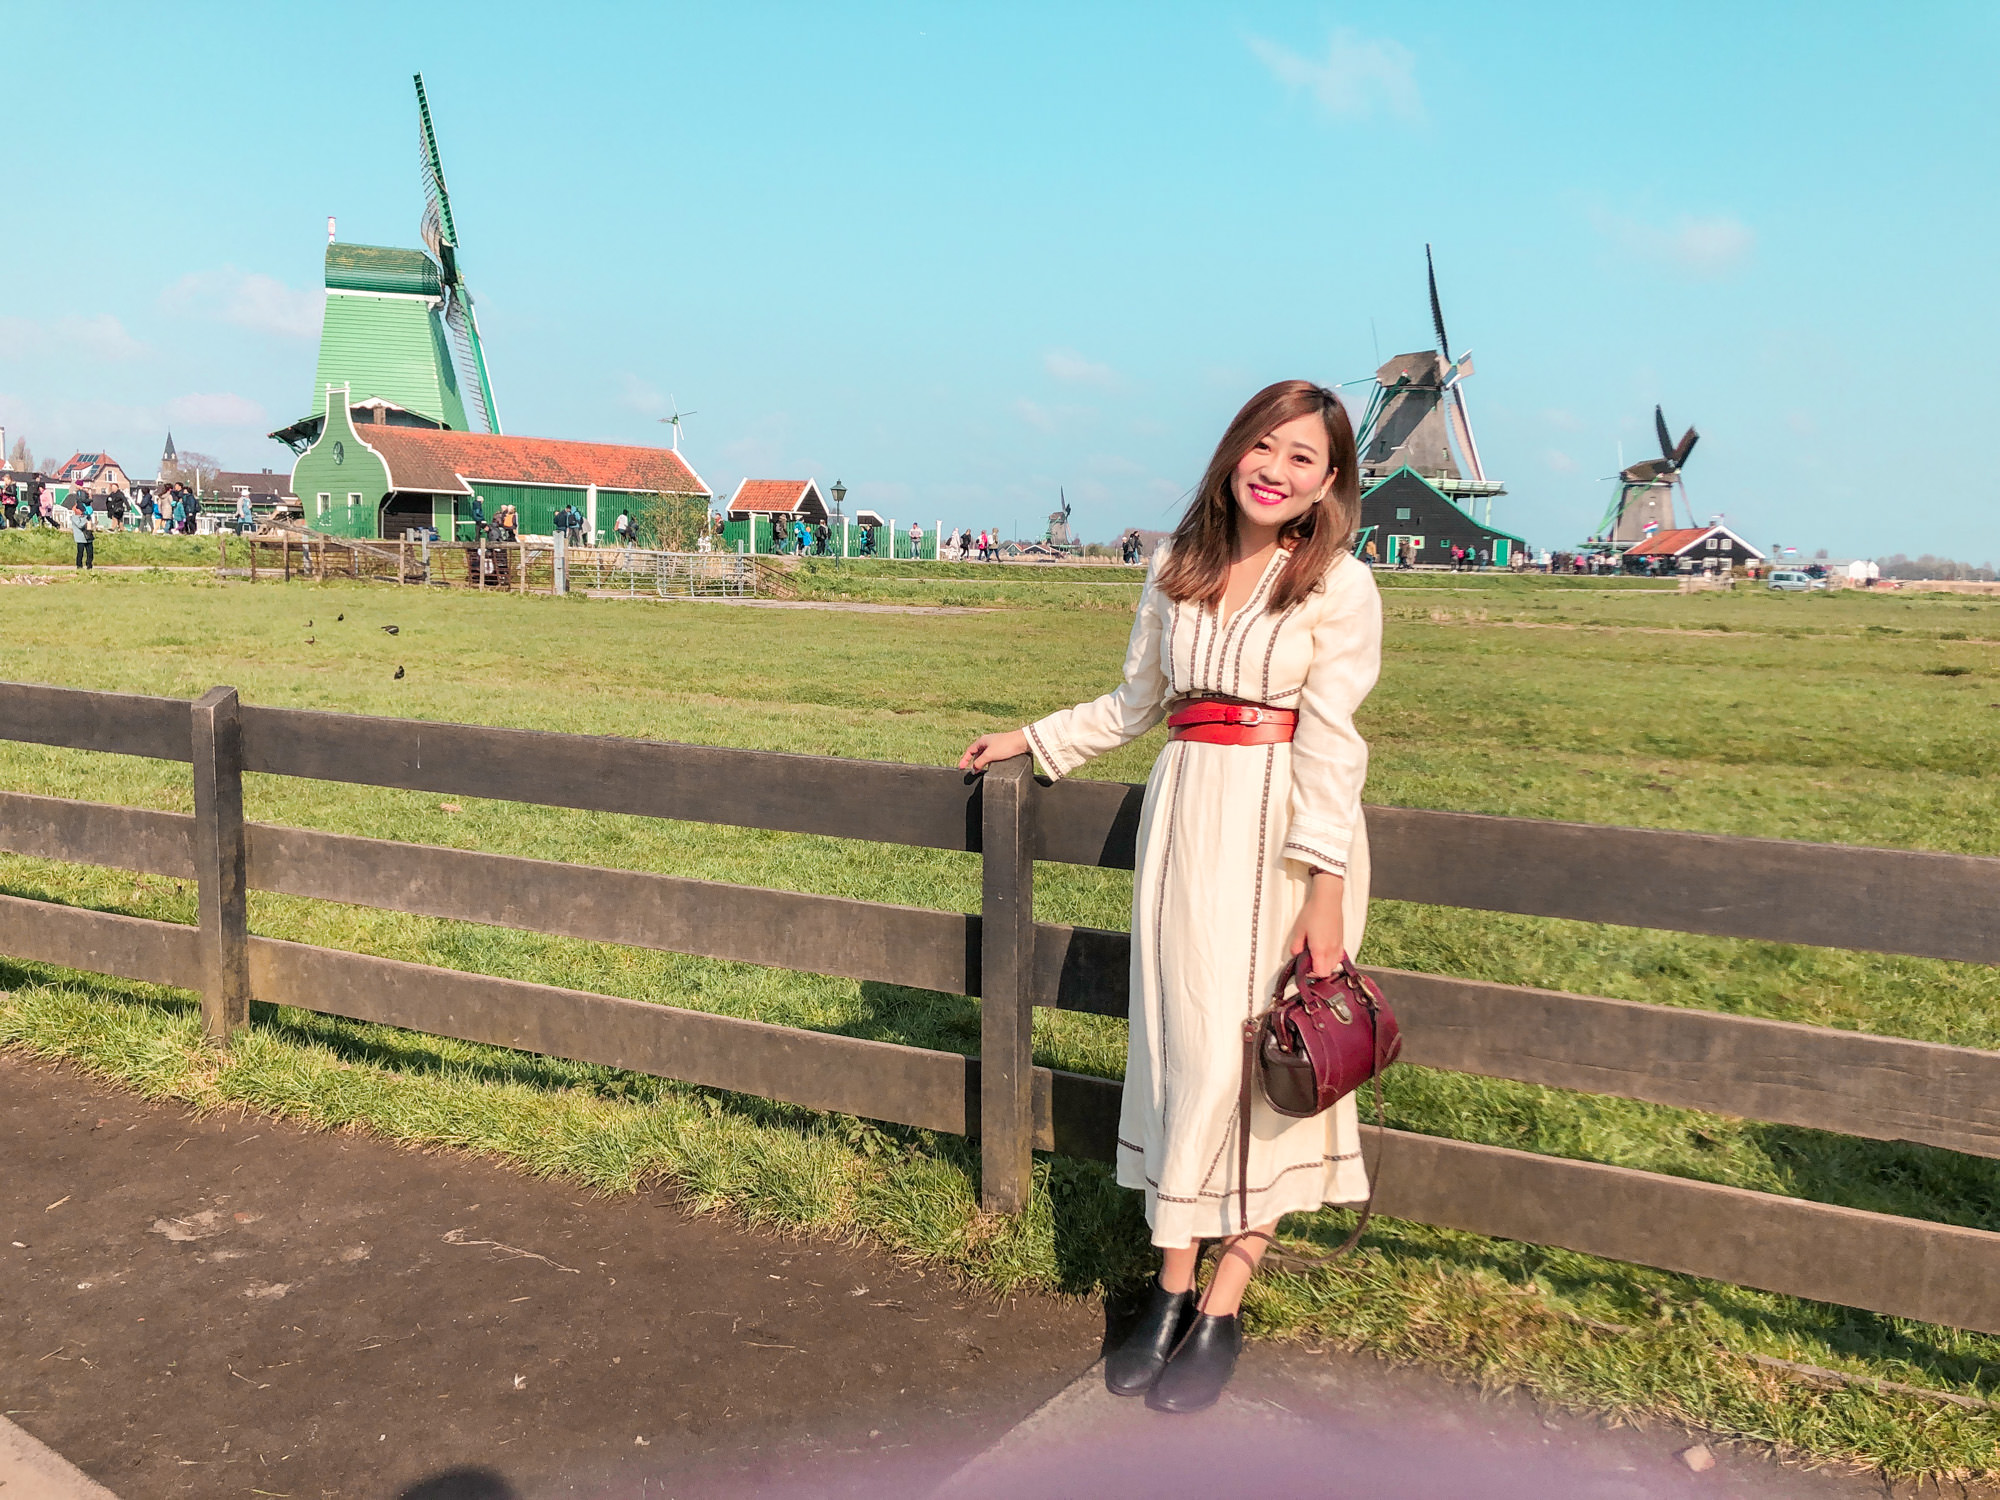 荷蘭, 荷蘭風車村, 贊斯堡, 荷蘭自由行, 荷蘭花之城